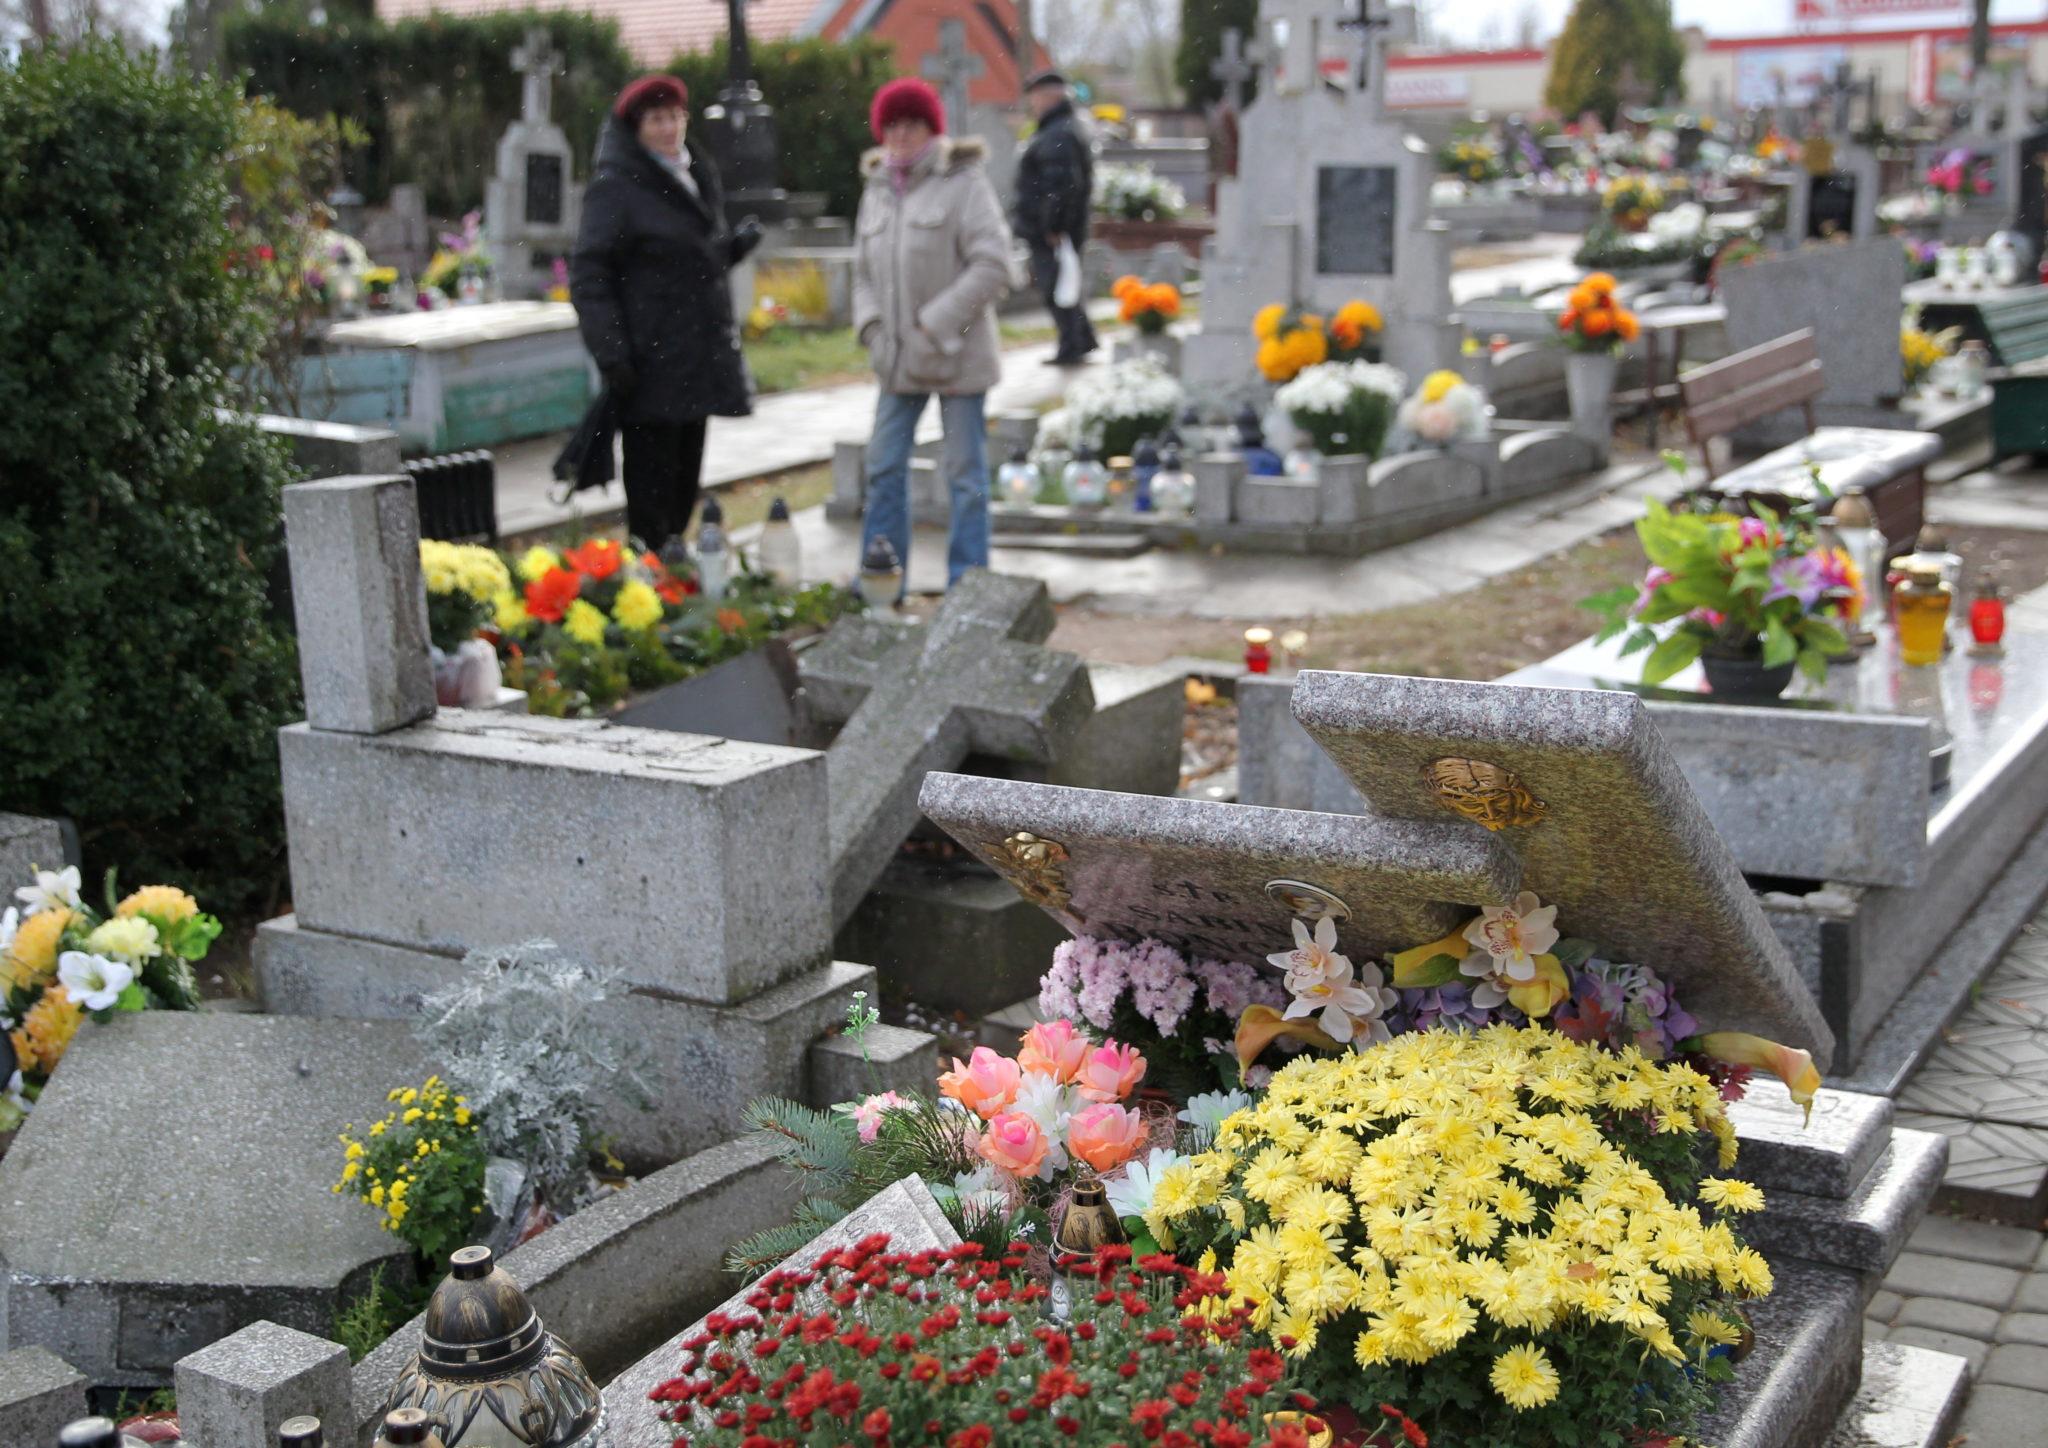 Zniszczone nagrobki na cmentarzu komunalnym w Ełku. Policjanci prowadzący czynnośœci mające ustalić sprawców wandalizmu doliczyli się około stu zdewastowanych grobów. Prezydent Ełku wyznaczył nagrodę w wysokoœści 10 tys. zł osobie, która ułatwi identyfikację sprawców. Fot. PAP/Tomasz Waszczuk